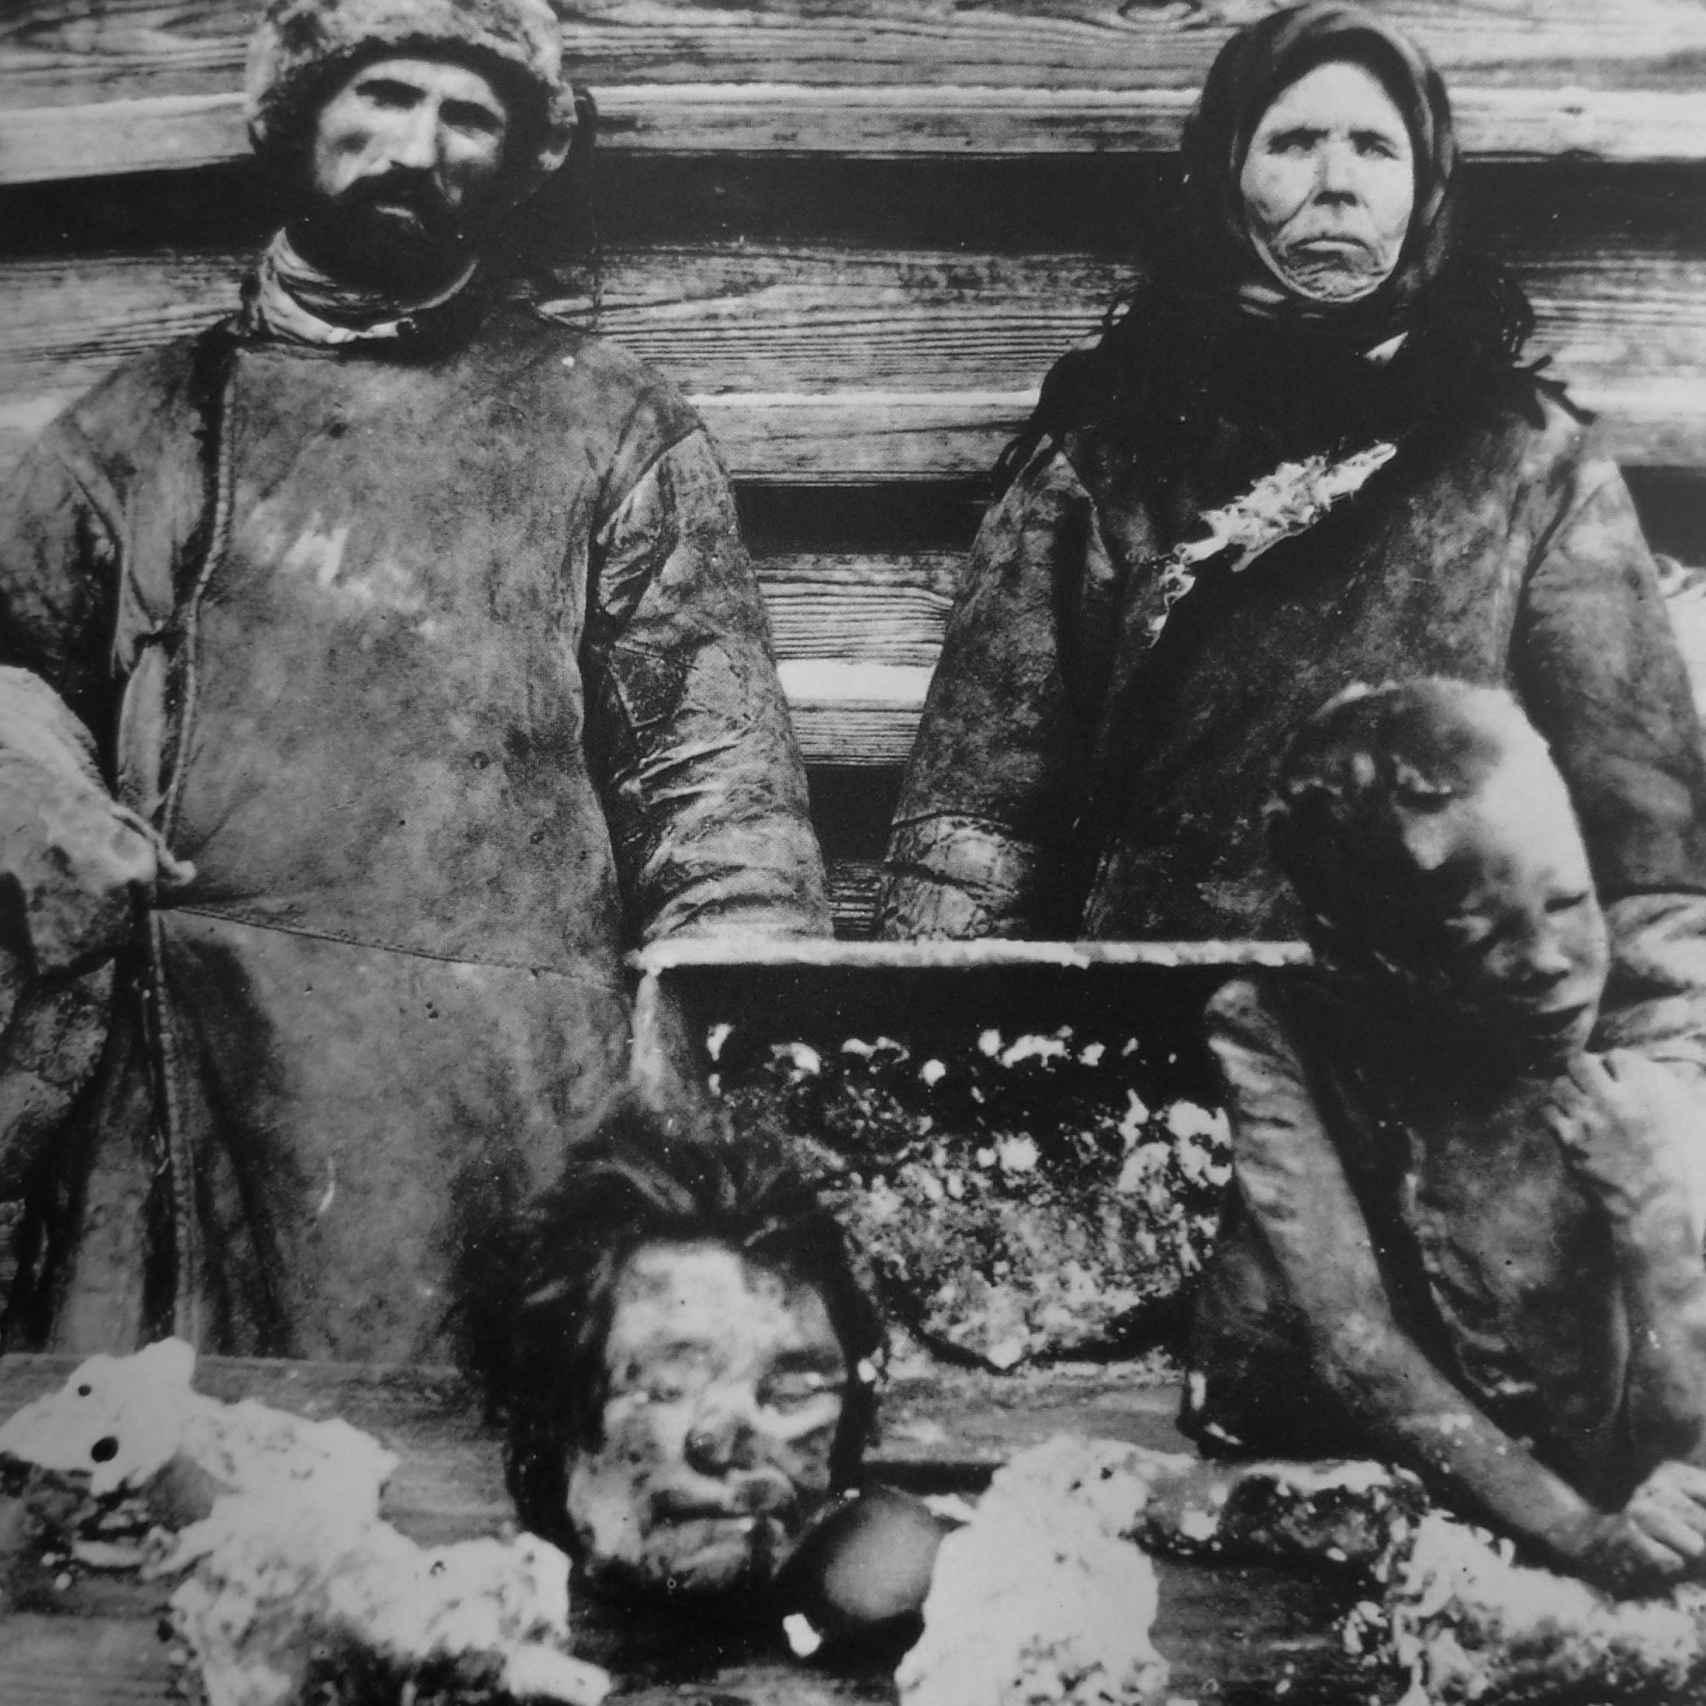 Canibalismo en Rusia durante la hambruna de 1921.